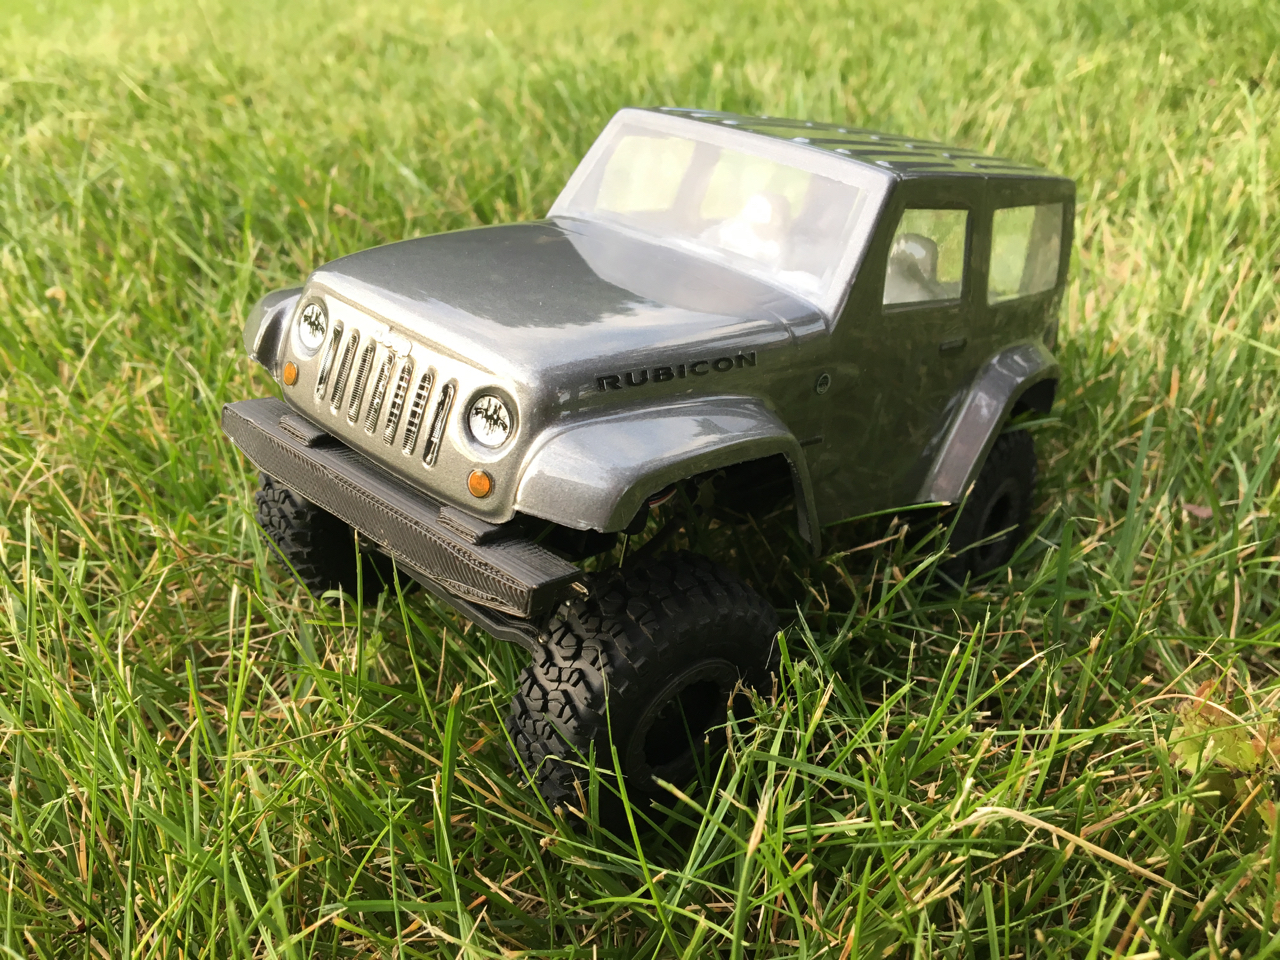 Pro-Line Jeep Wrangler body for the Ambush 4x4